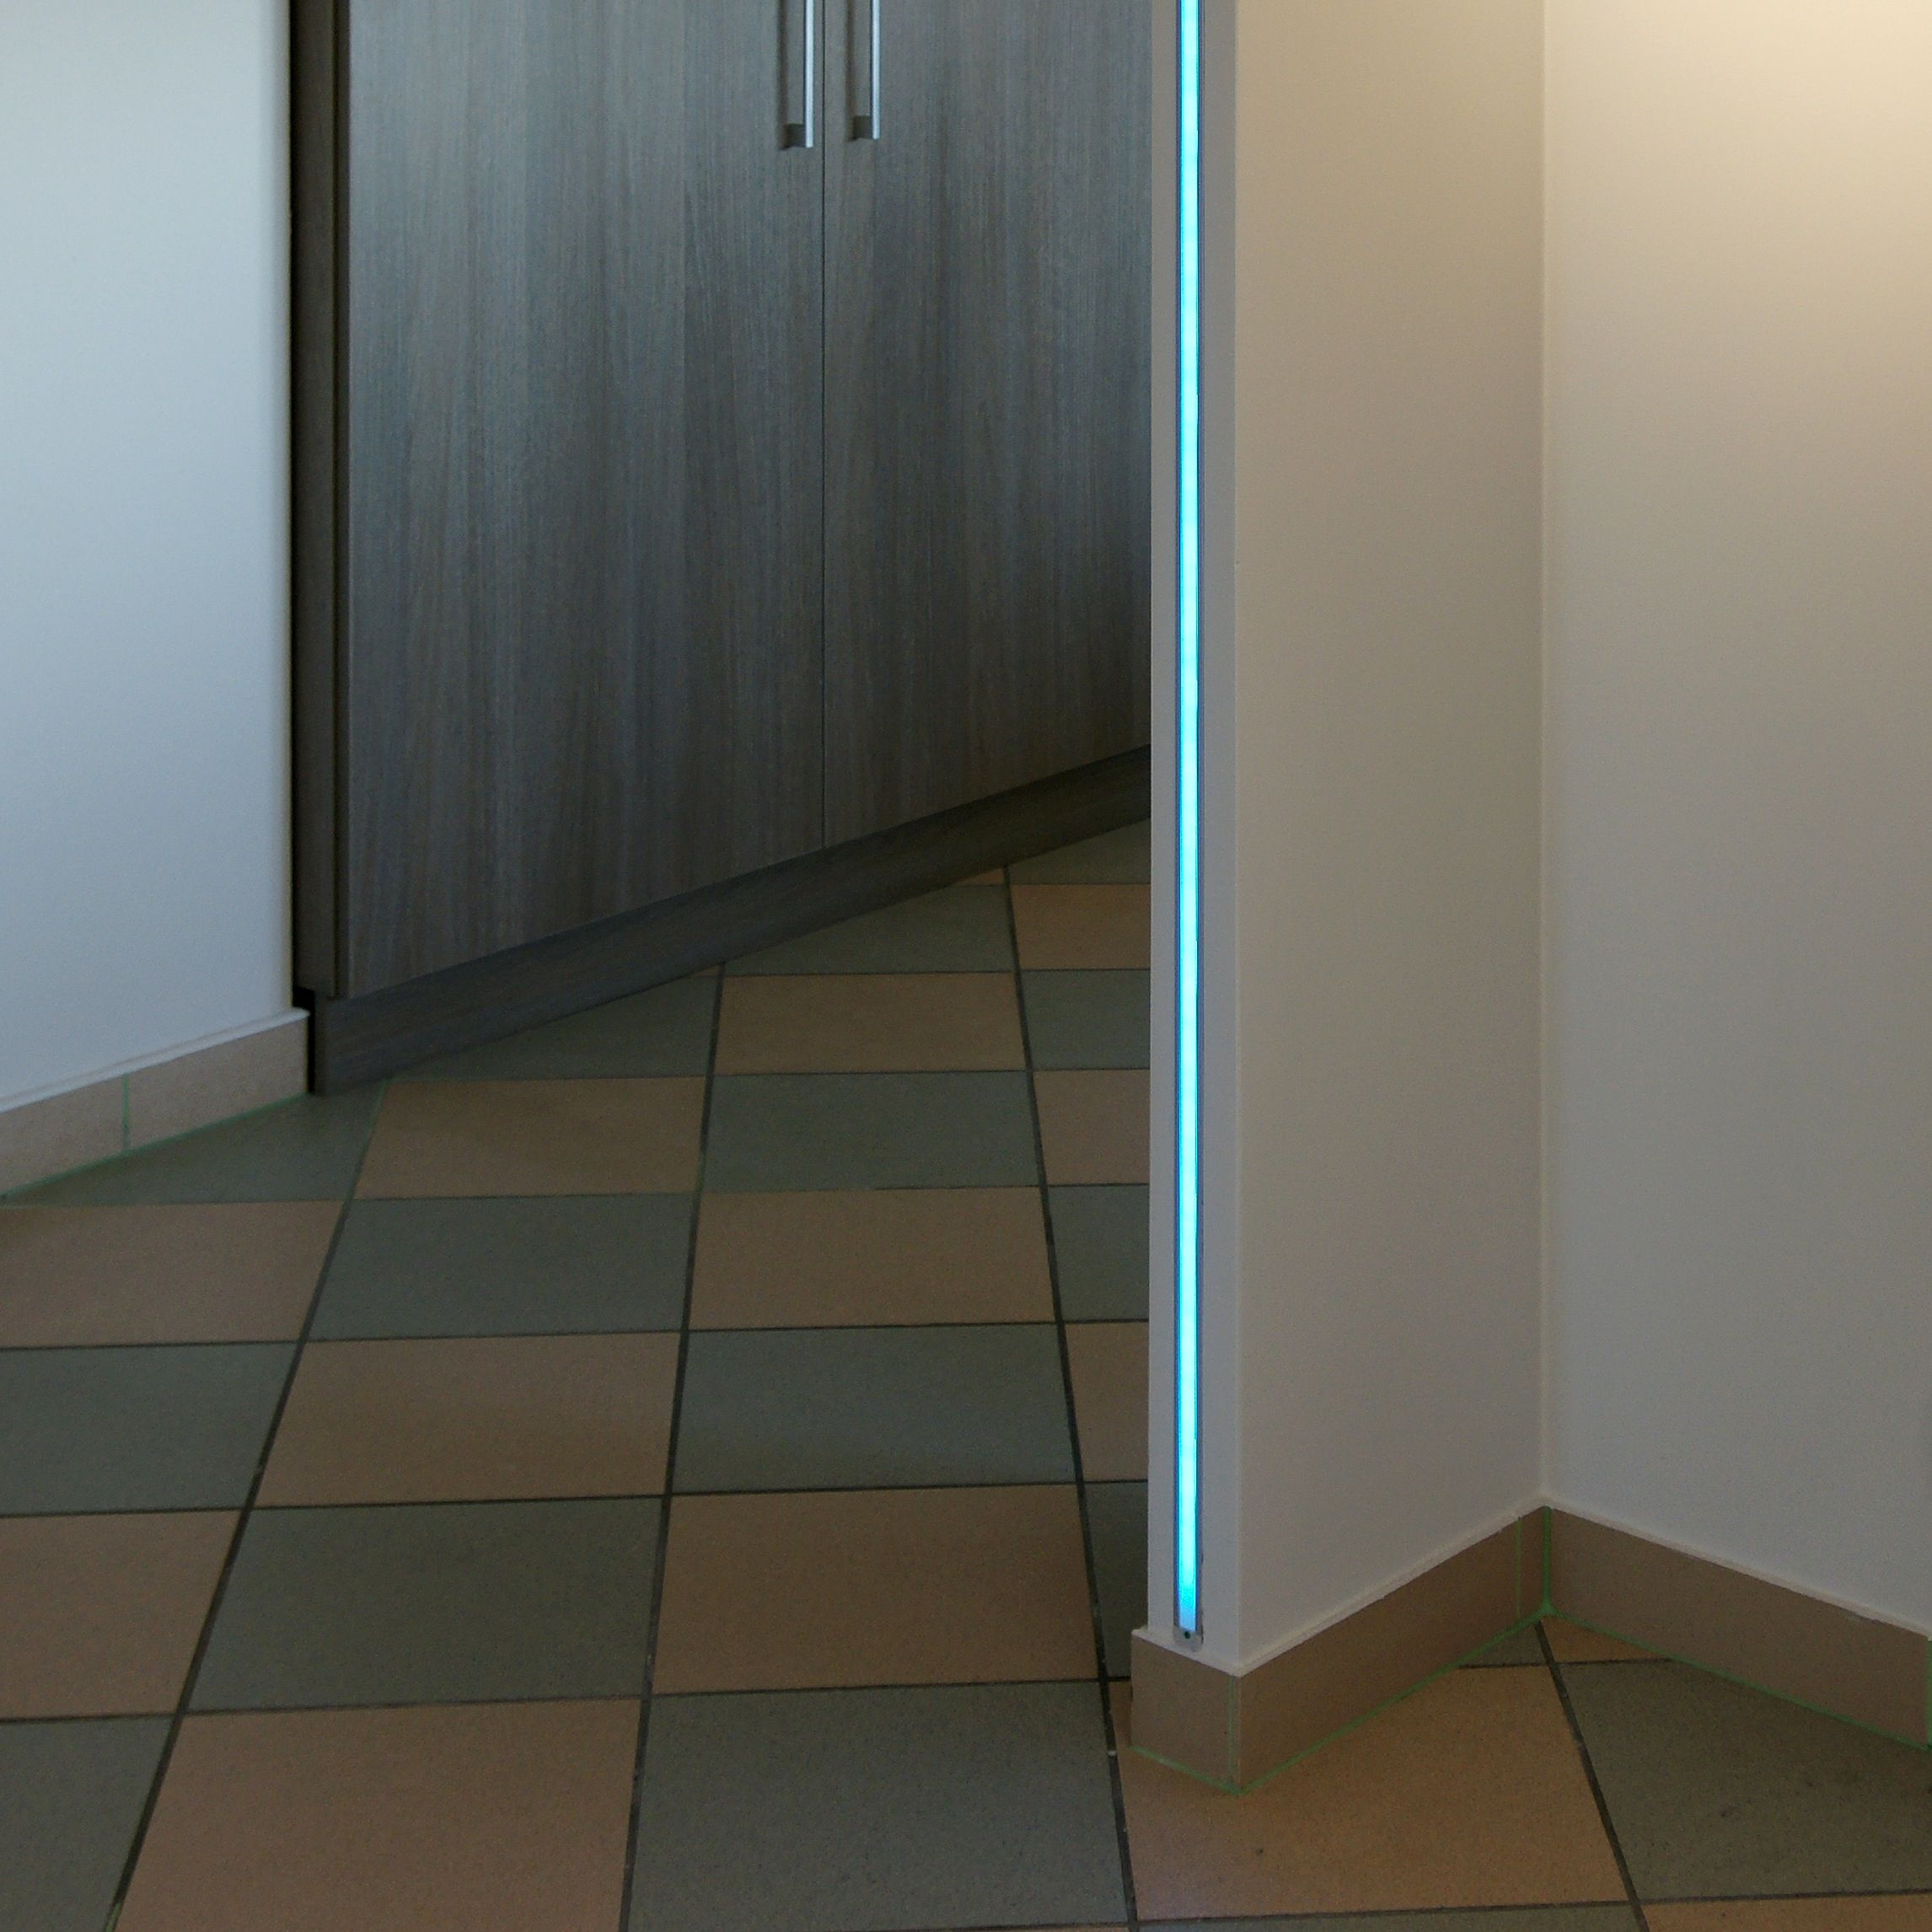 profil s led 2m aluminium profond deep encastrable pour ruban de led nos produits pinterest. Black Bedroom Furniture Sets. Home Design Ideas